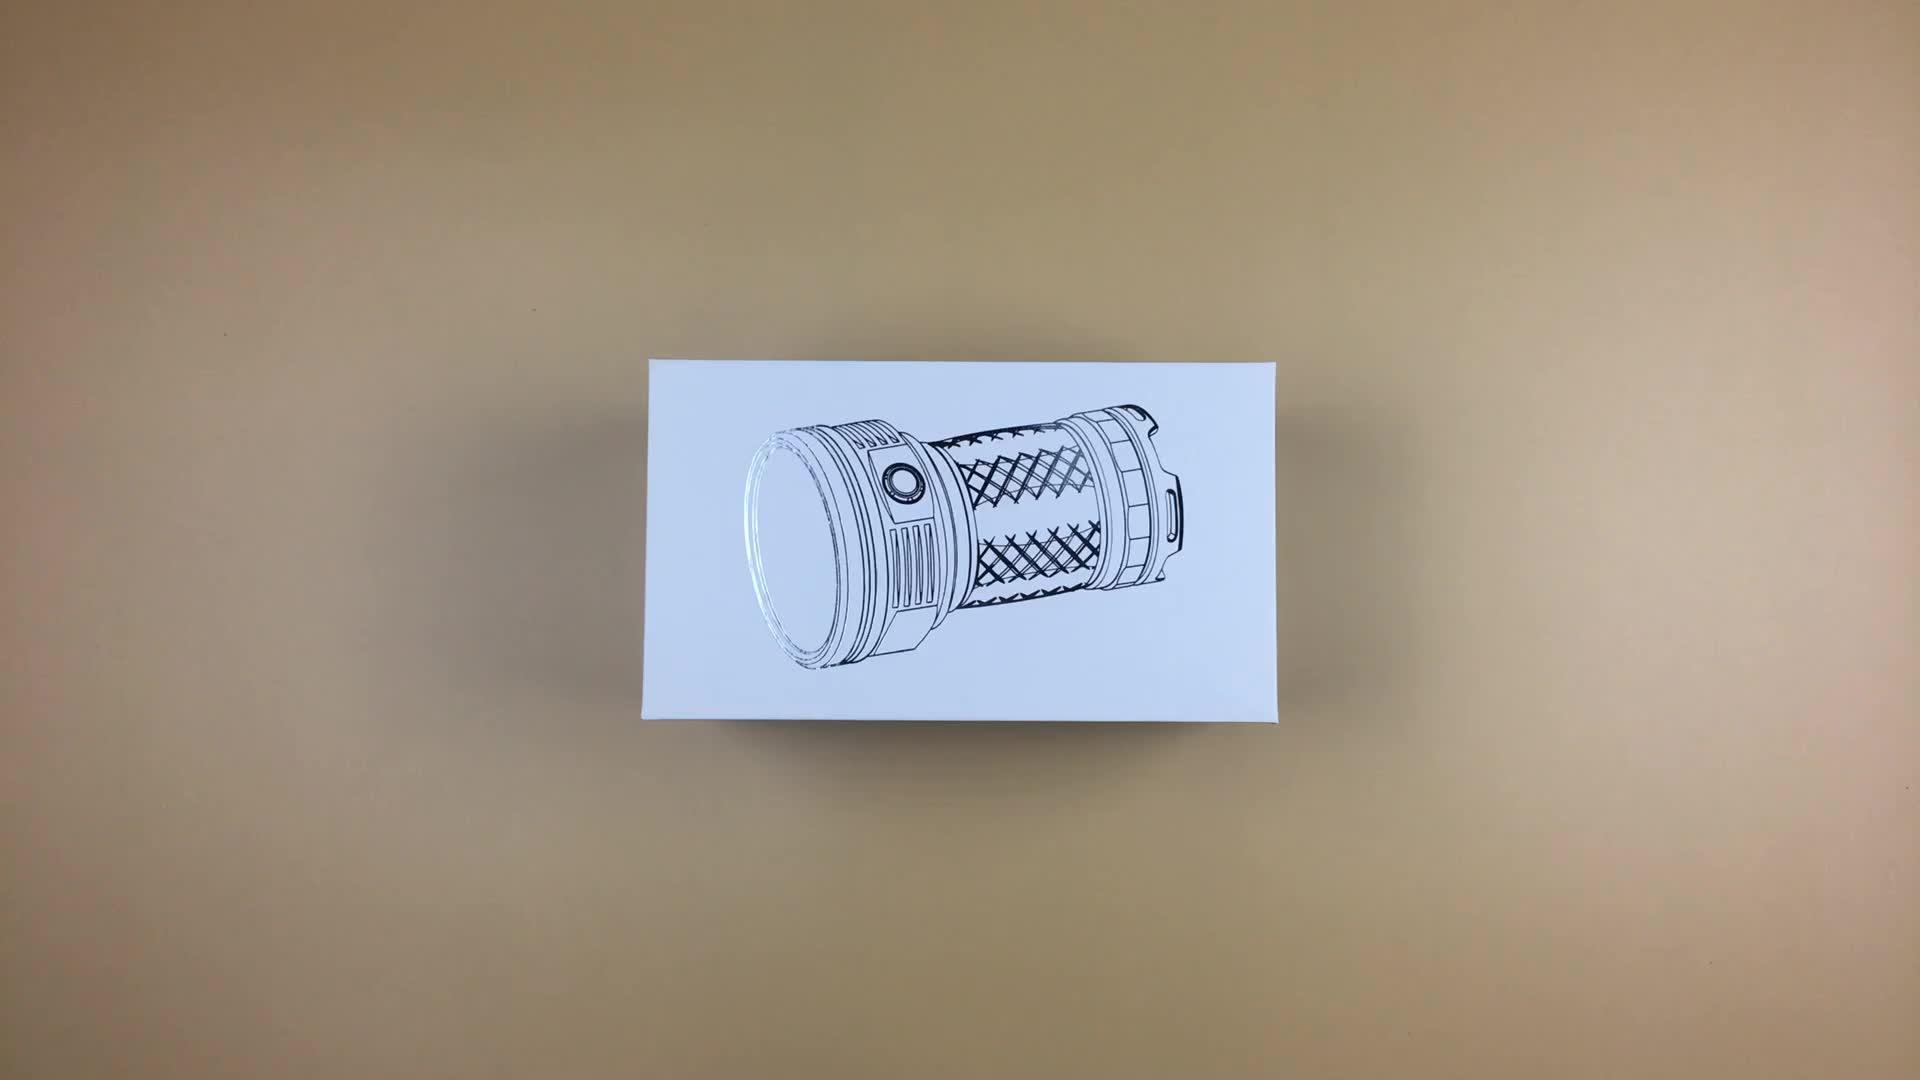 Luz de inundação do brilho alto 12000 lúmens 18 * punho do cree XPG3 18000 lúmens 50 watts conduziram a lanterna elétrica tocou 8000 lúmens do lúmen